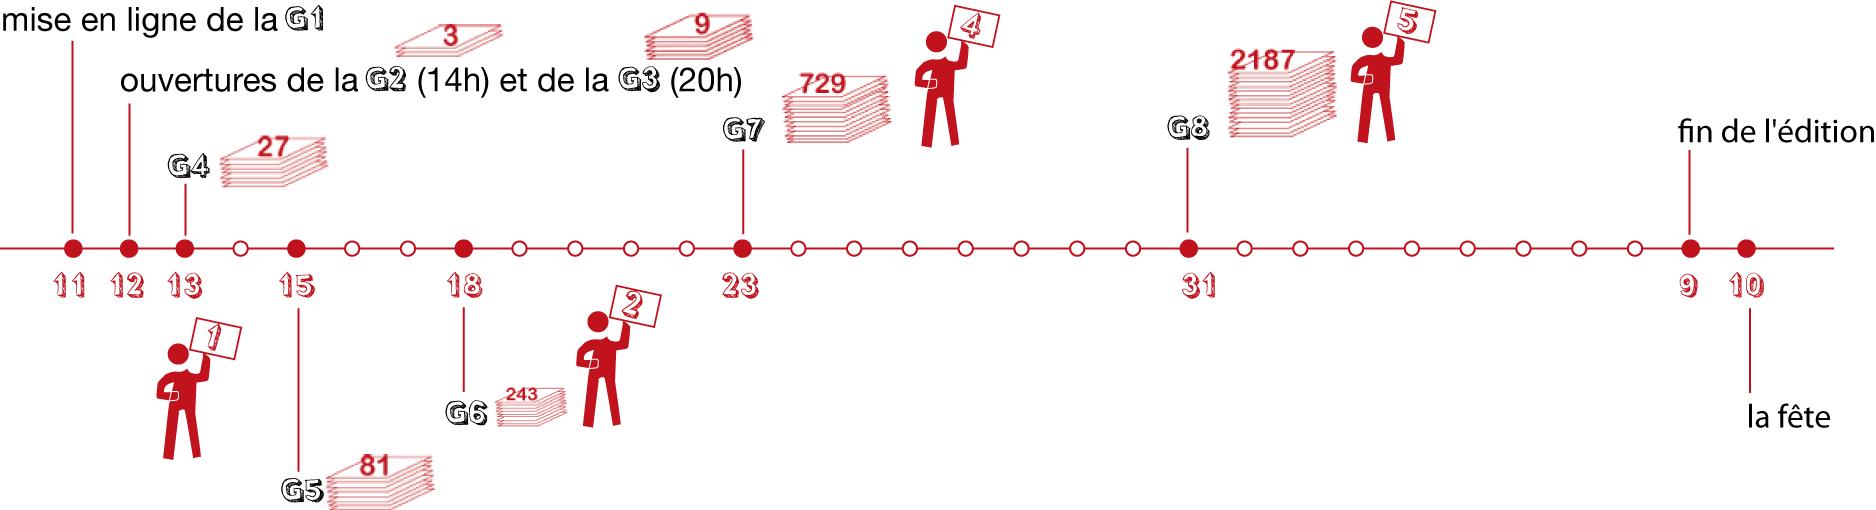 calendrier_O3280-5e-FR